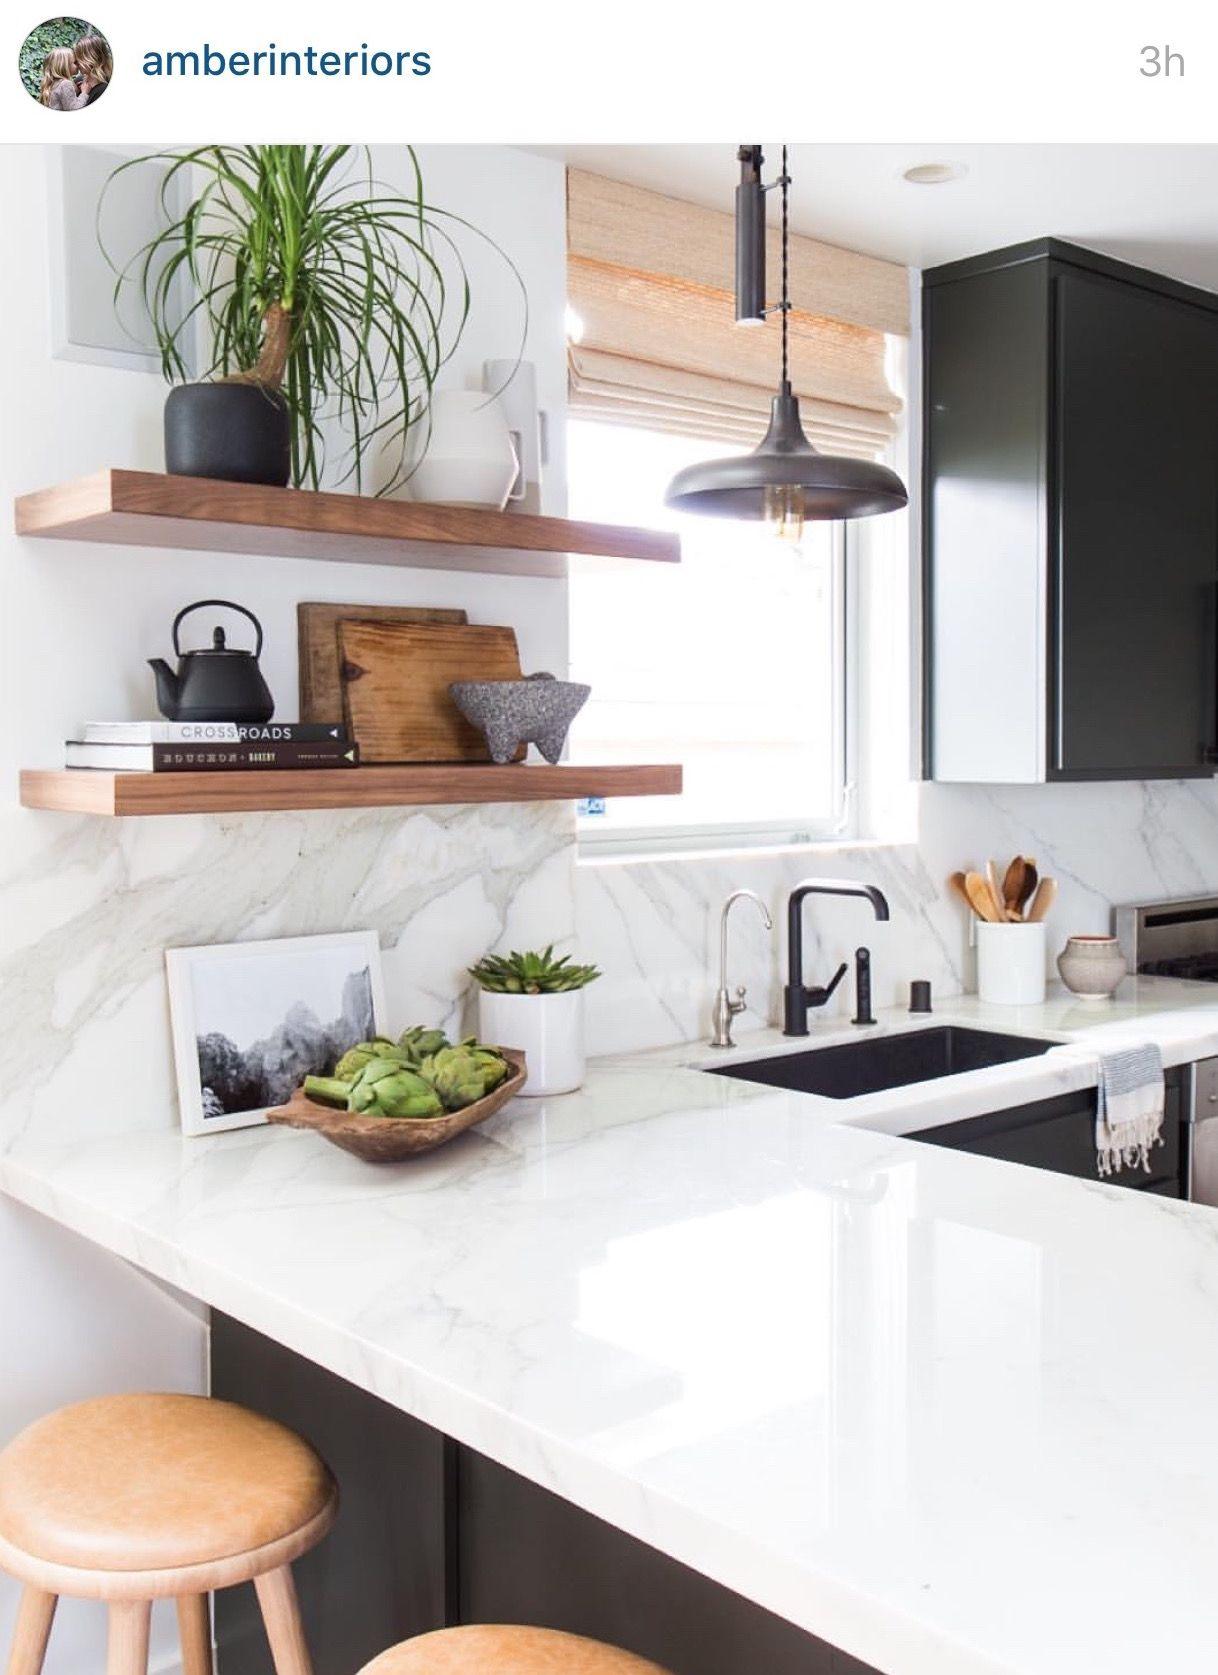 Kitchen styling | Zach 2nd apartment ideas | Pinterest | Cocinas y Casas